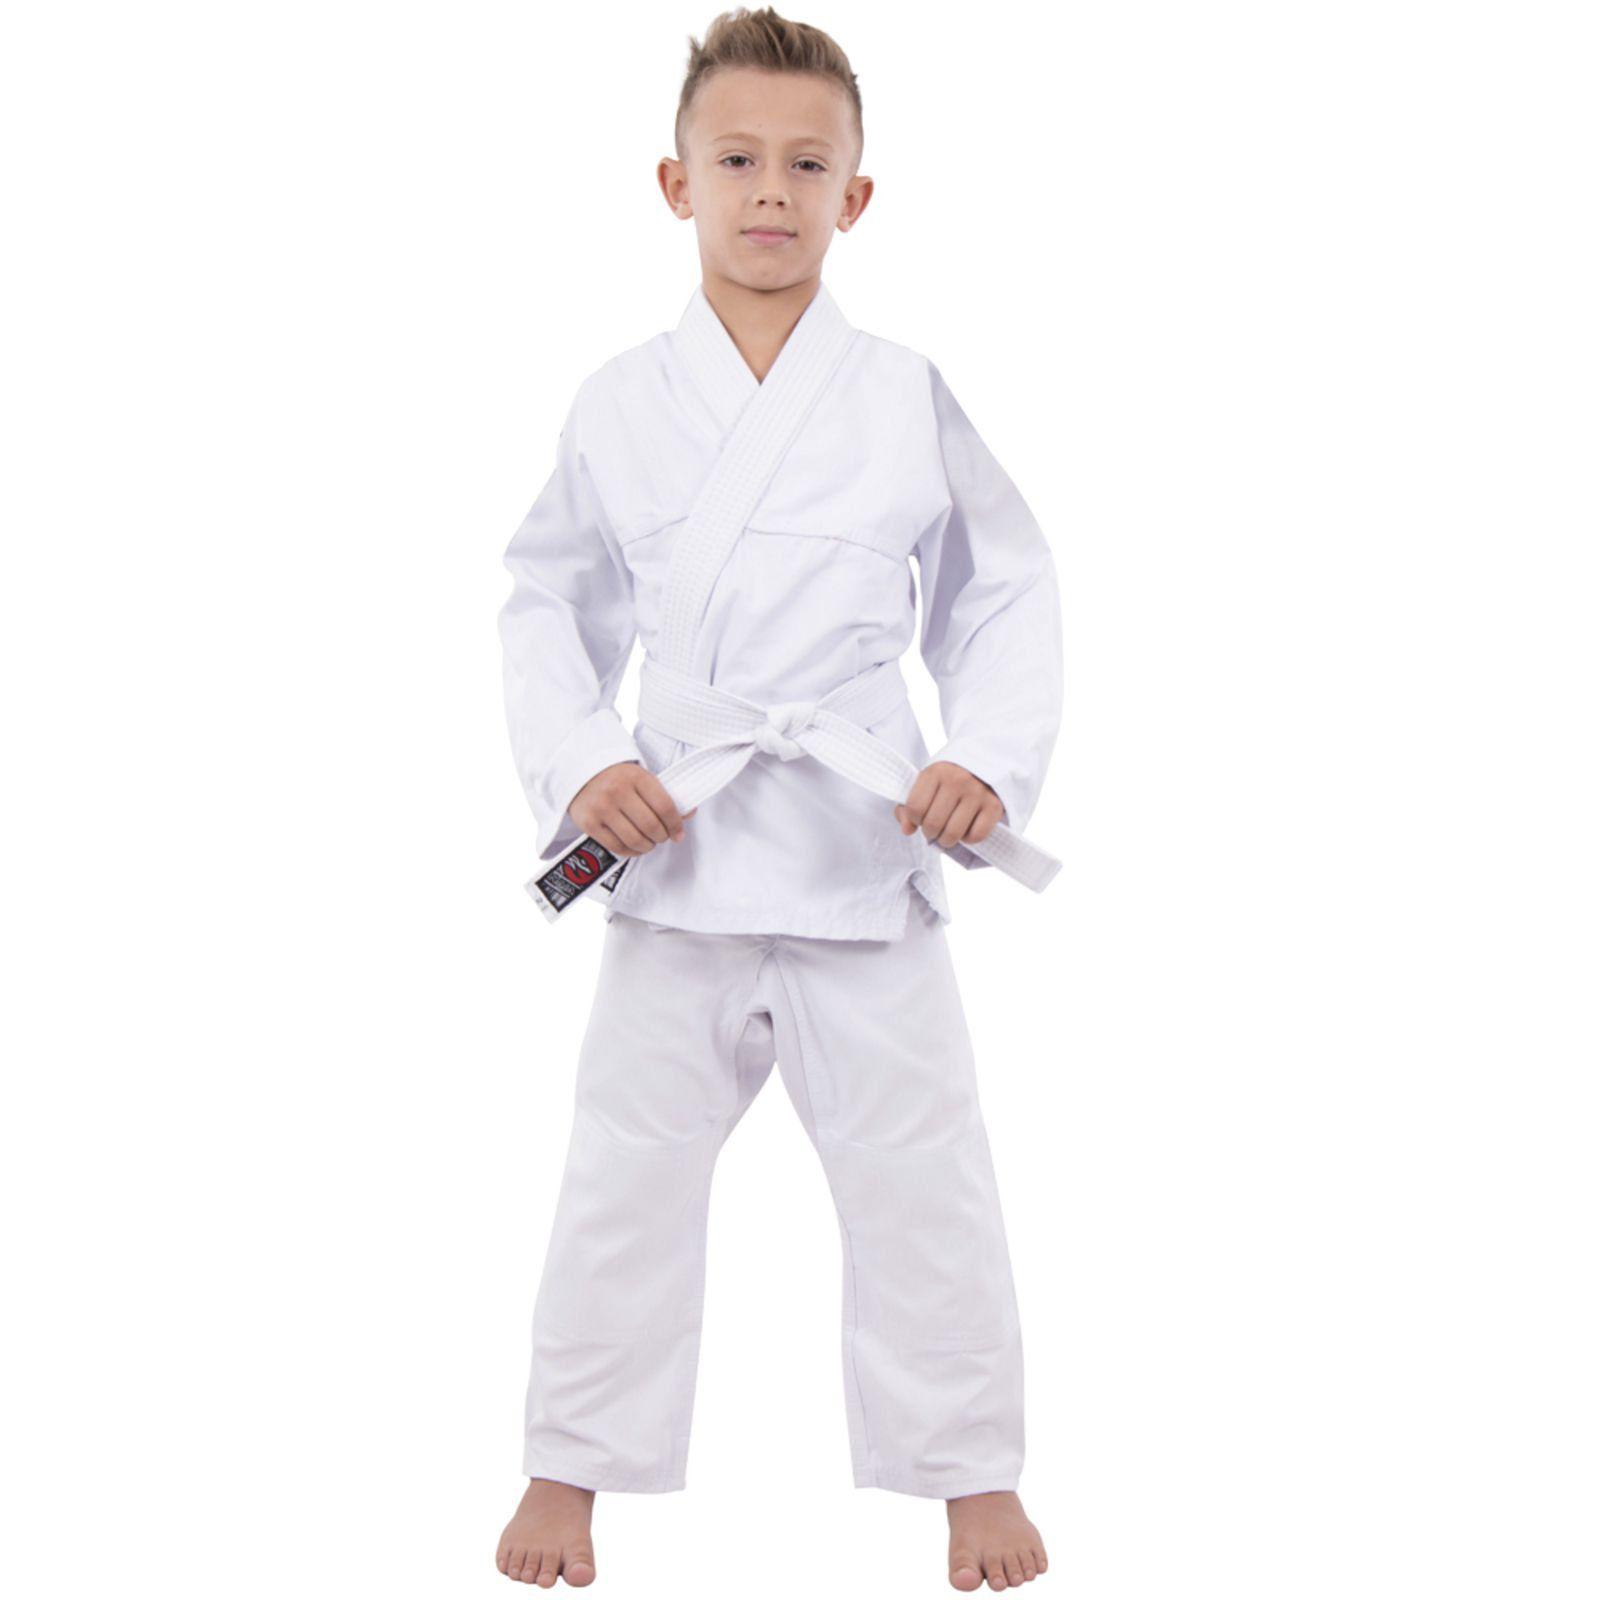 Kimono Infantil Jiu jitsu / Judô Sarja Reforçada - Branco - Naja